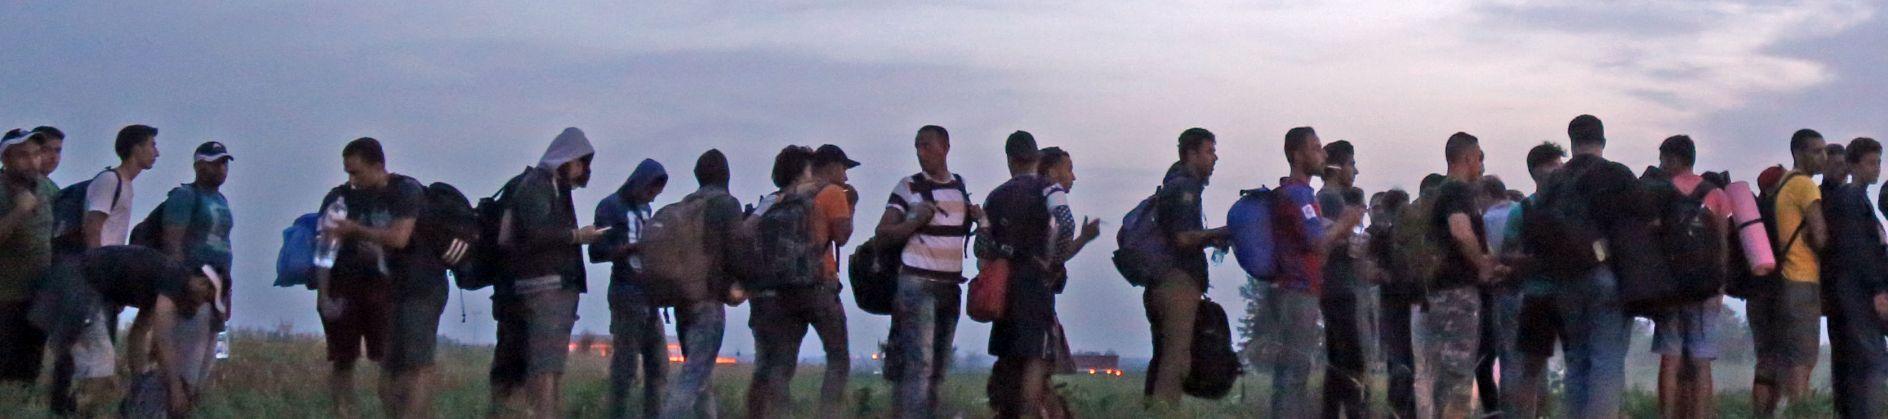 Klisović: Nećemo zatvoriti granicu, moguće traženje pomoći